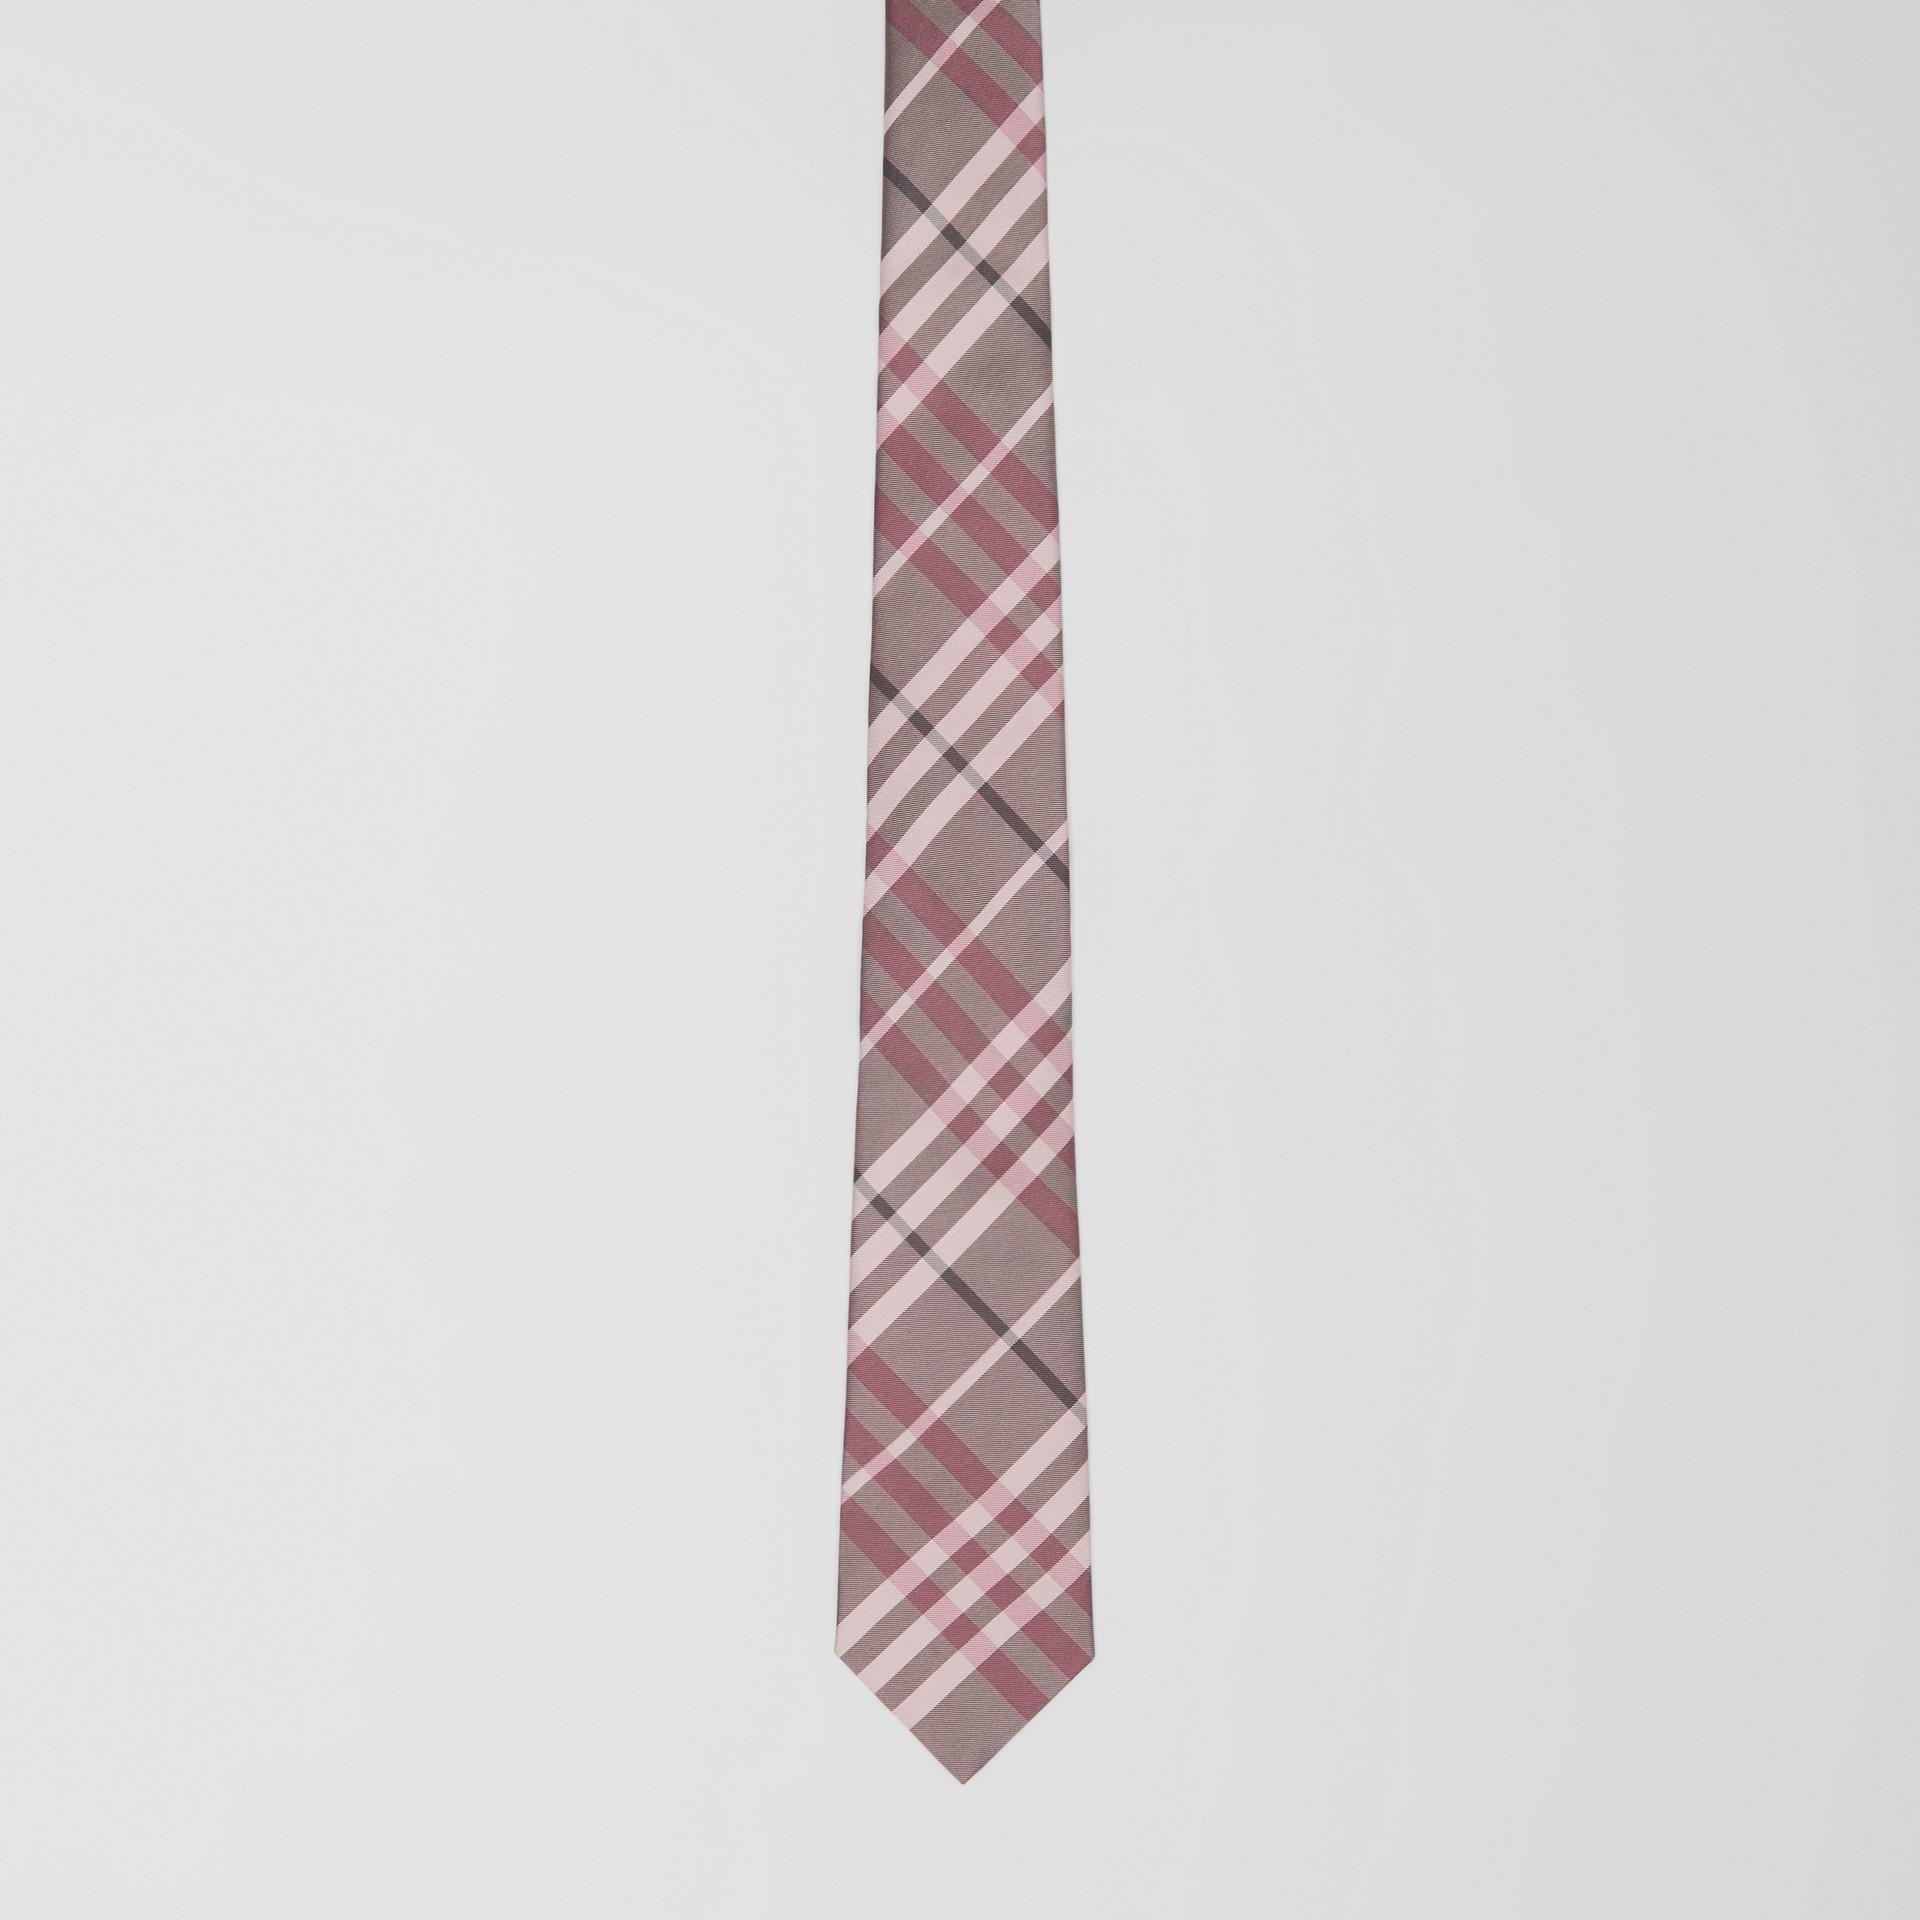 Классический галстук в клетку Vintage Check (Розовый Мел) - Для мужчин | Burberry - изображение 3